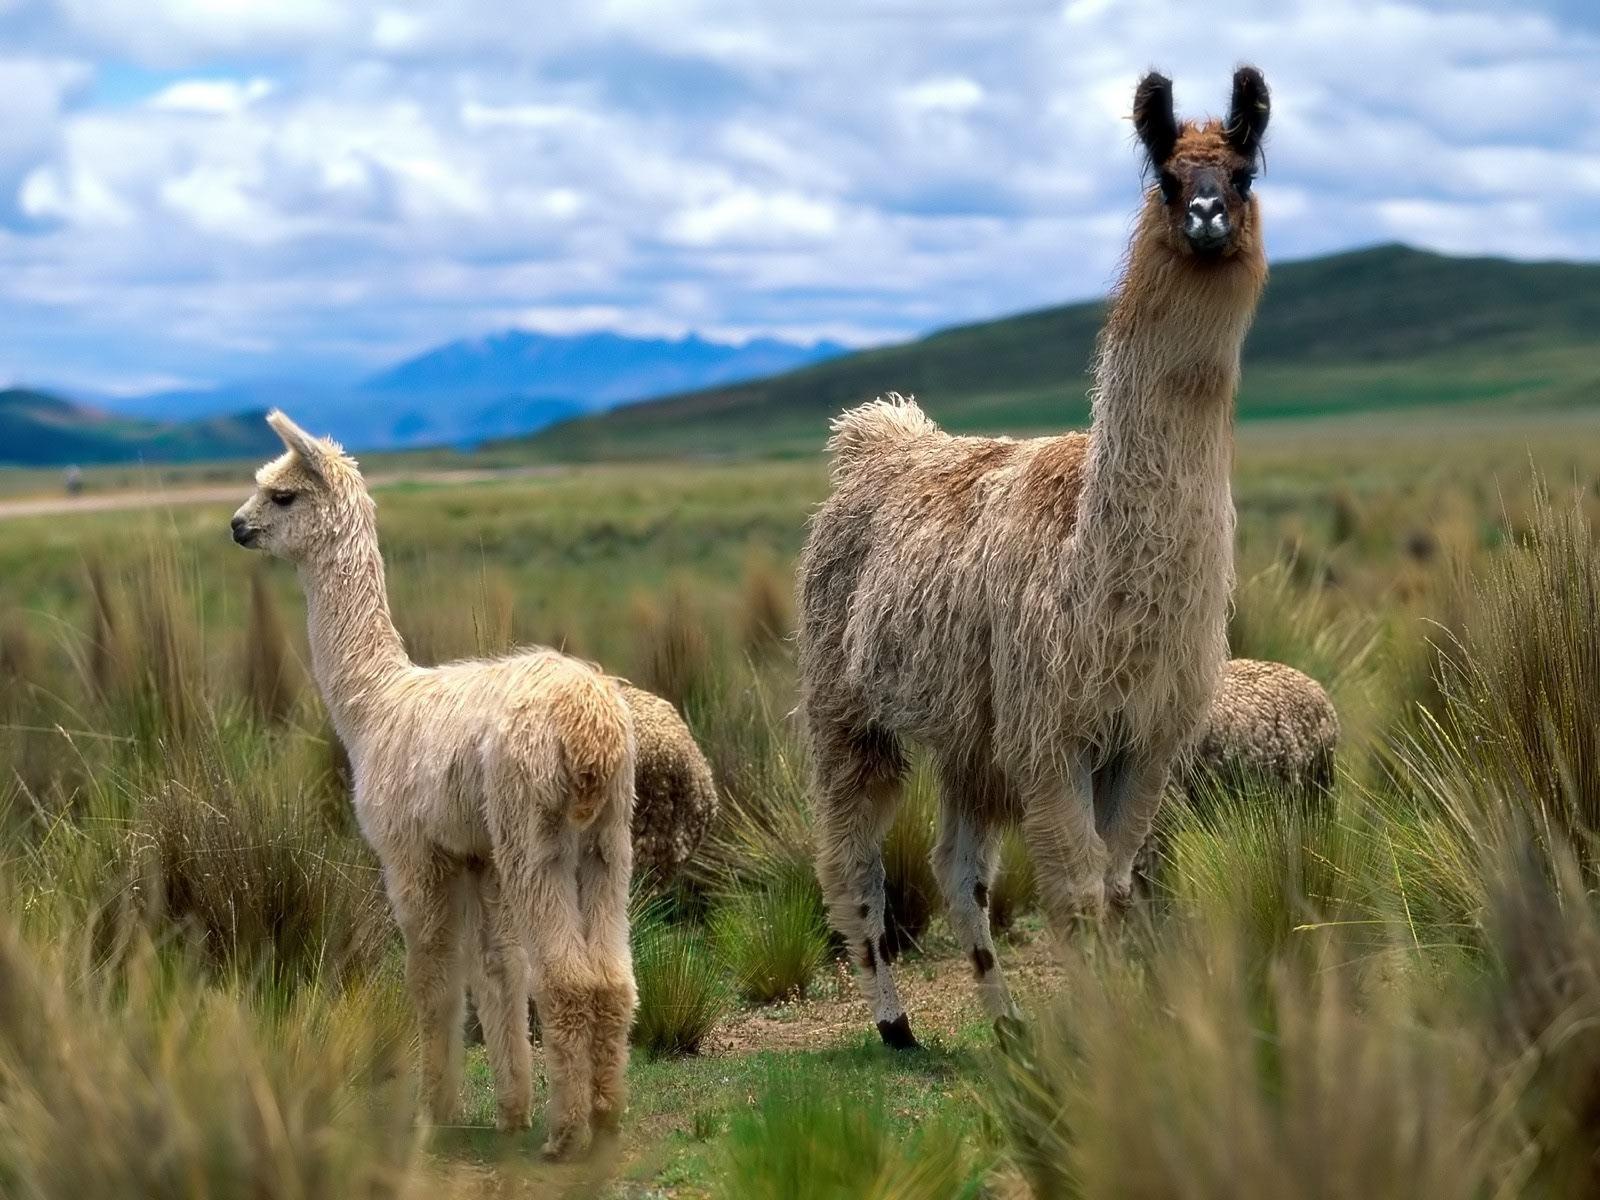 Funny Llama wallpaper for desktop2 1600x1200